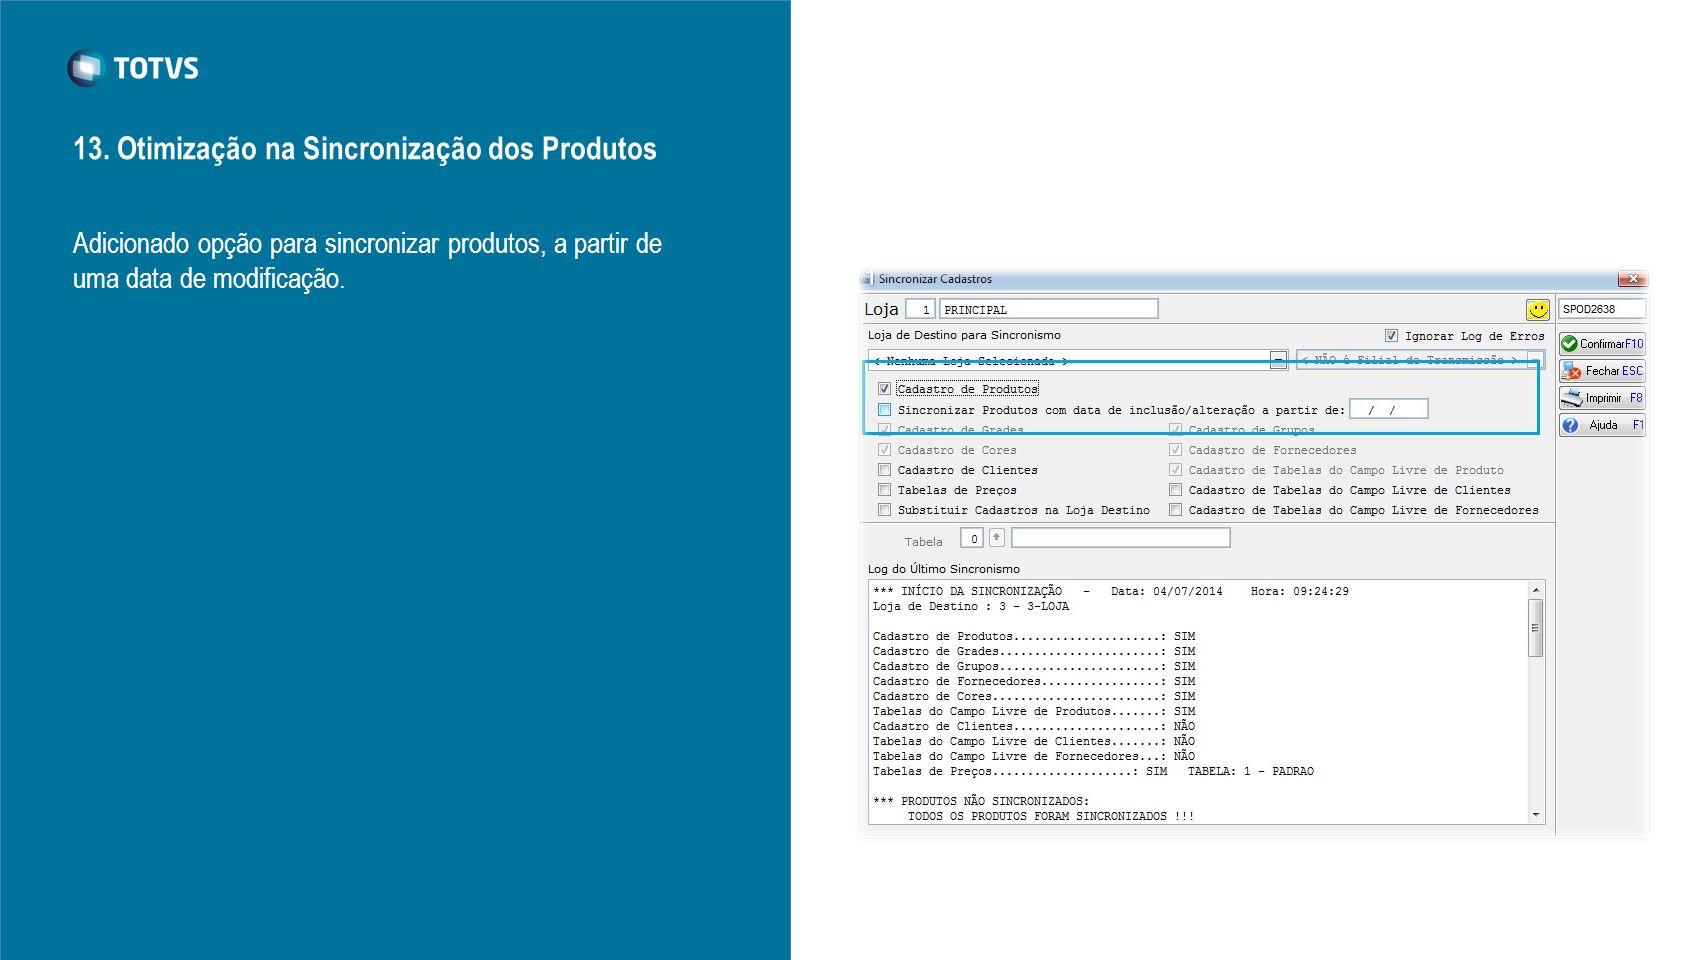 13. Otimização na Sincronização dos Produtos Adicionado opção para sincronizar produtos, a partir de uma data de modificação.